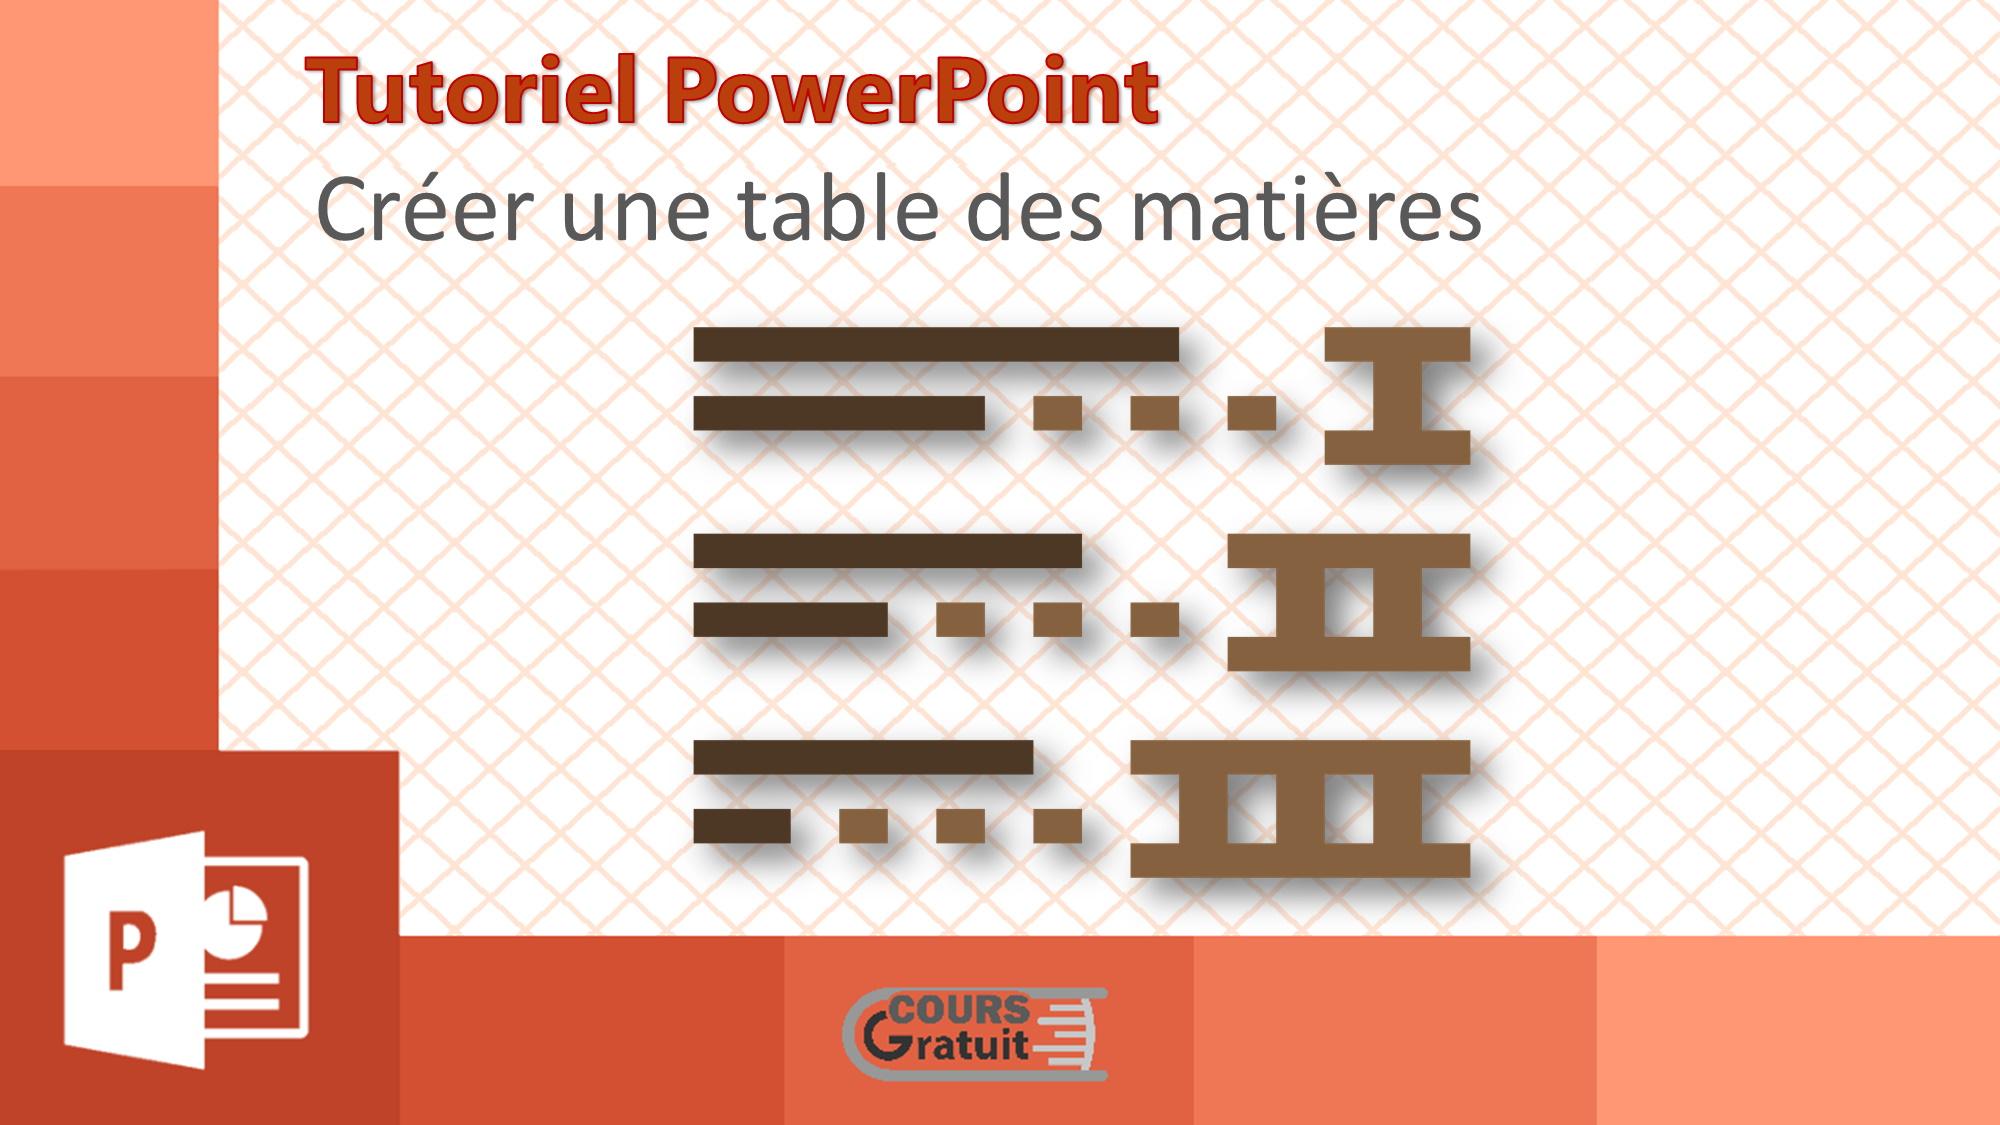 Comment créer une table des matières pour une présentation PowerPoint